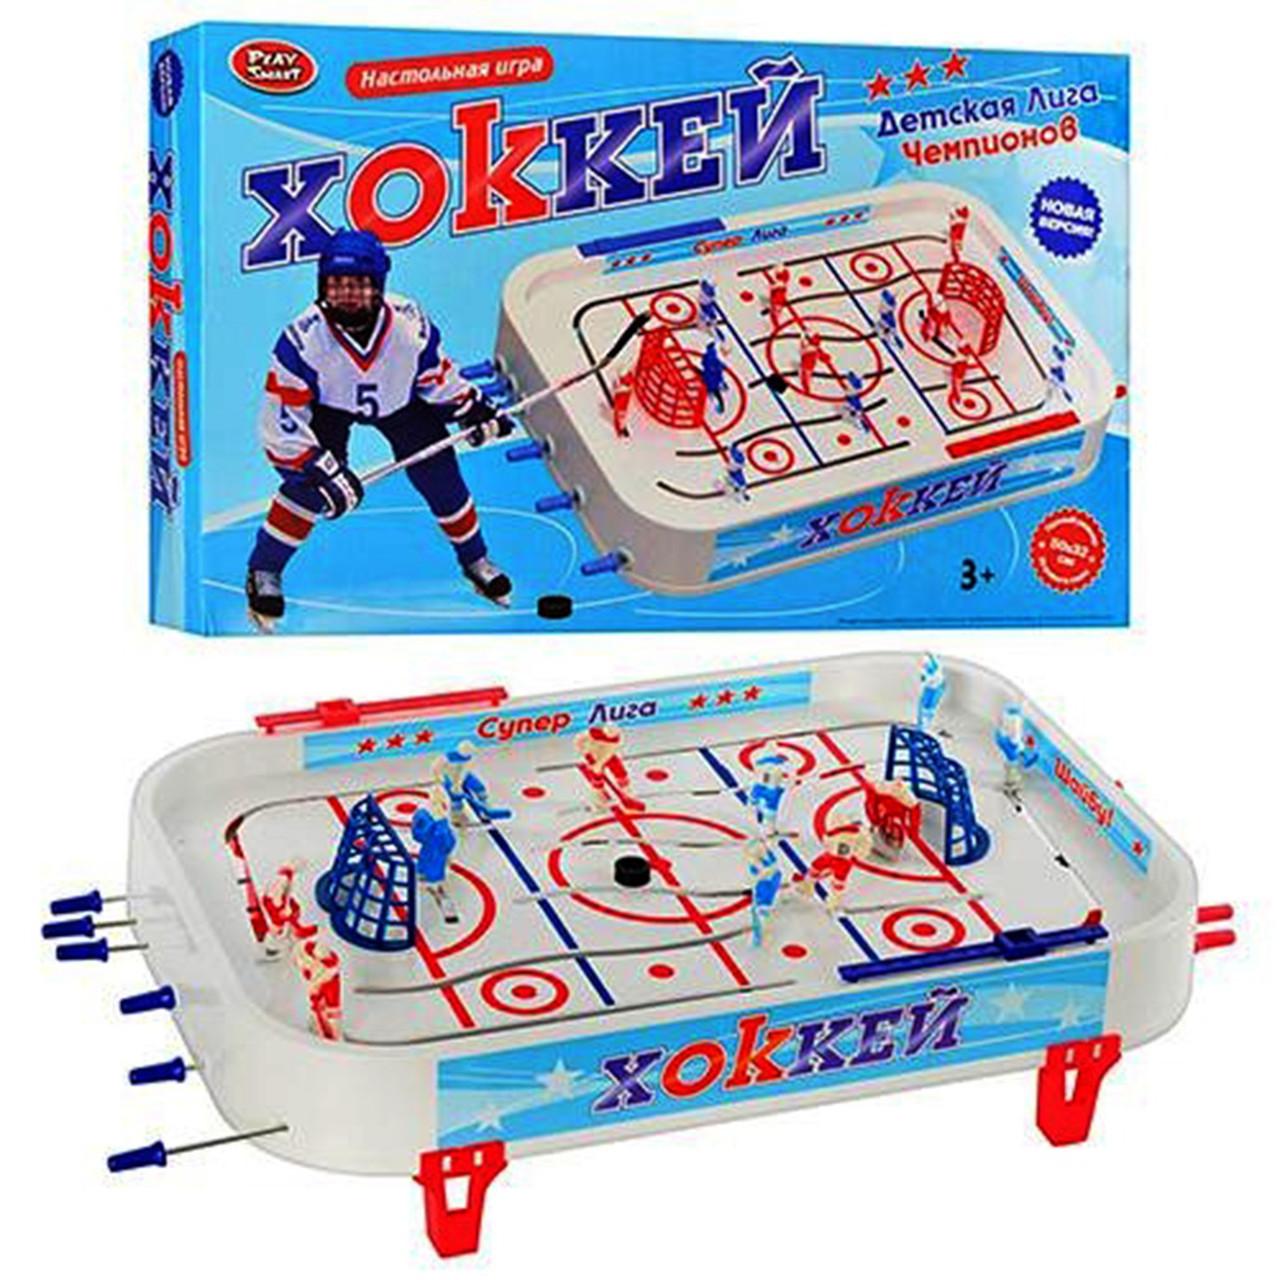 Хокей на штангах,фігурки 14шт.,шайба 2шт.,наклейки,в кор-ці,58,5х35х7см №0700(12)